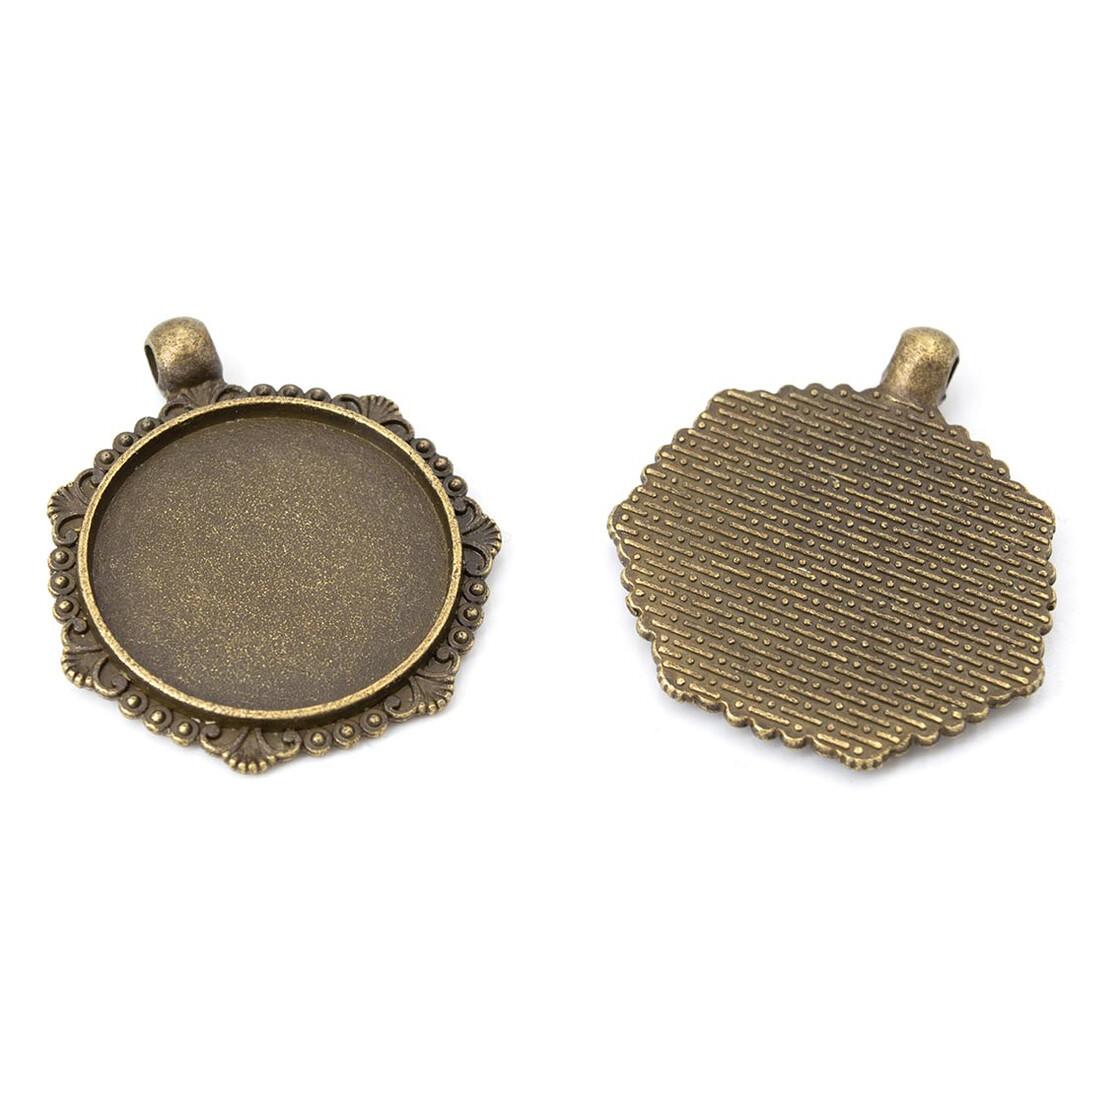 2 stabile Fassungen in antik bronzefarben für 25 x 18 mm Cabochons